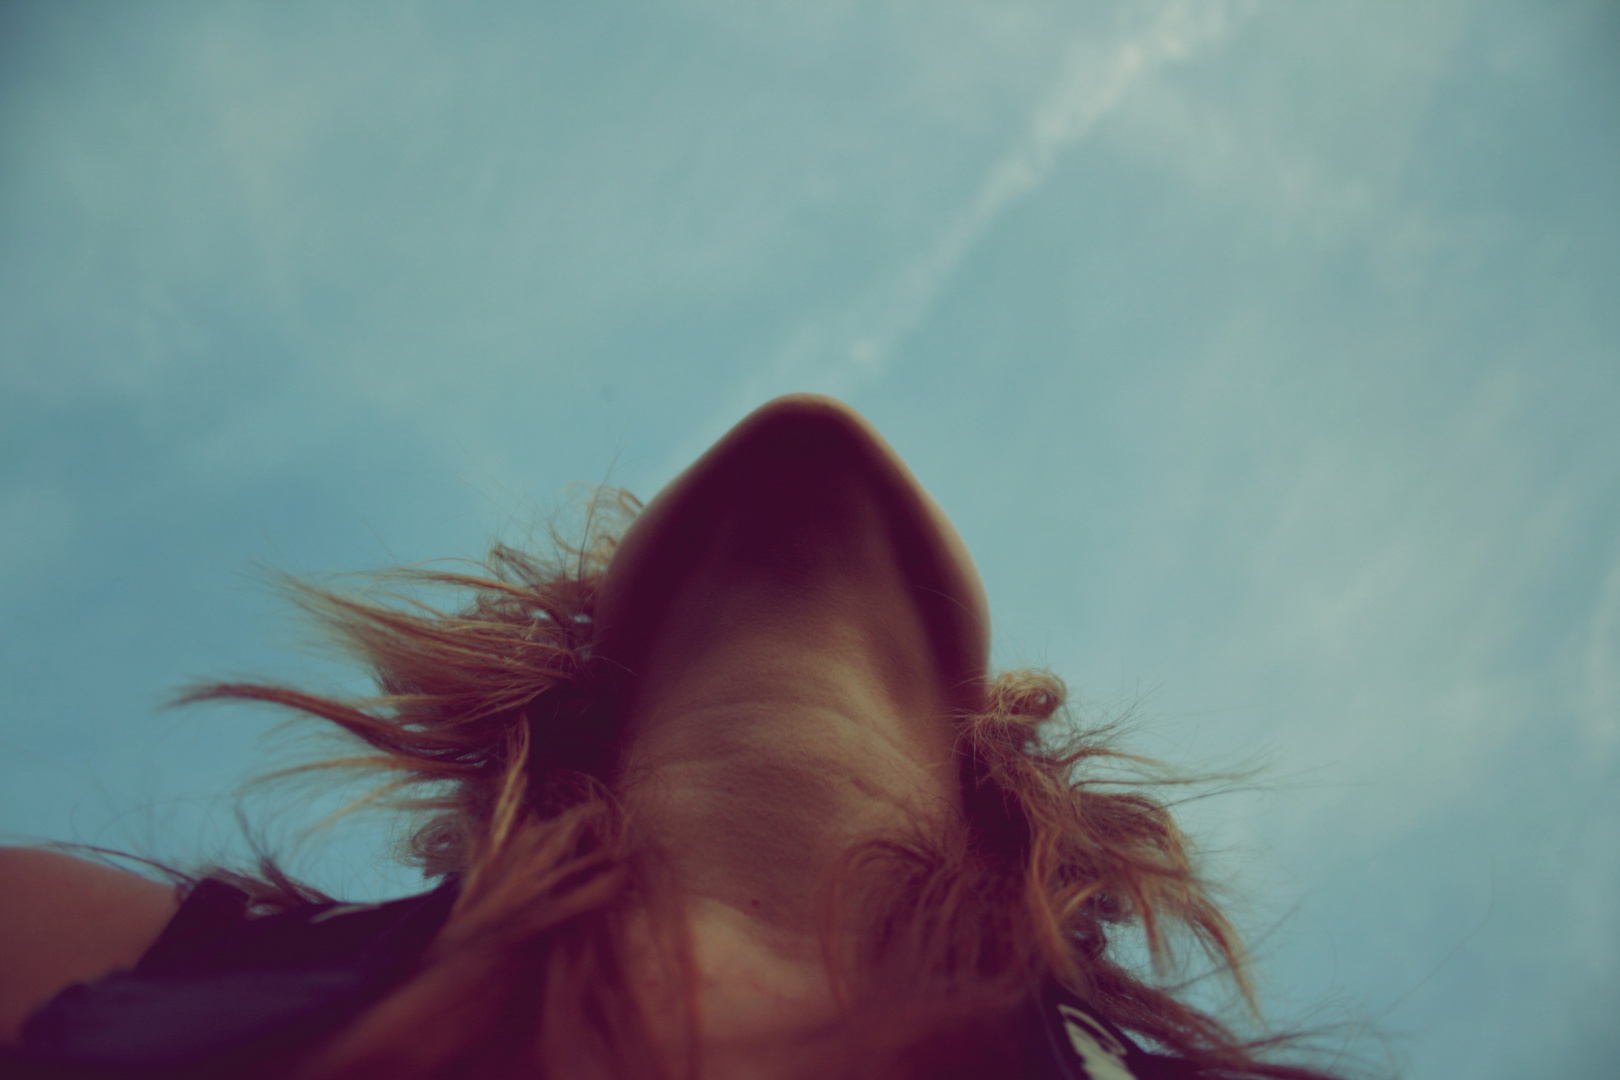 Wie Sieht Der Himmel Aus